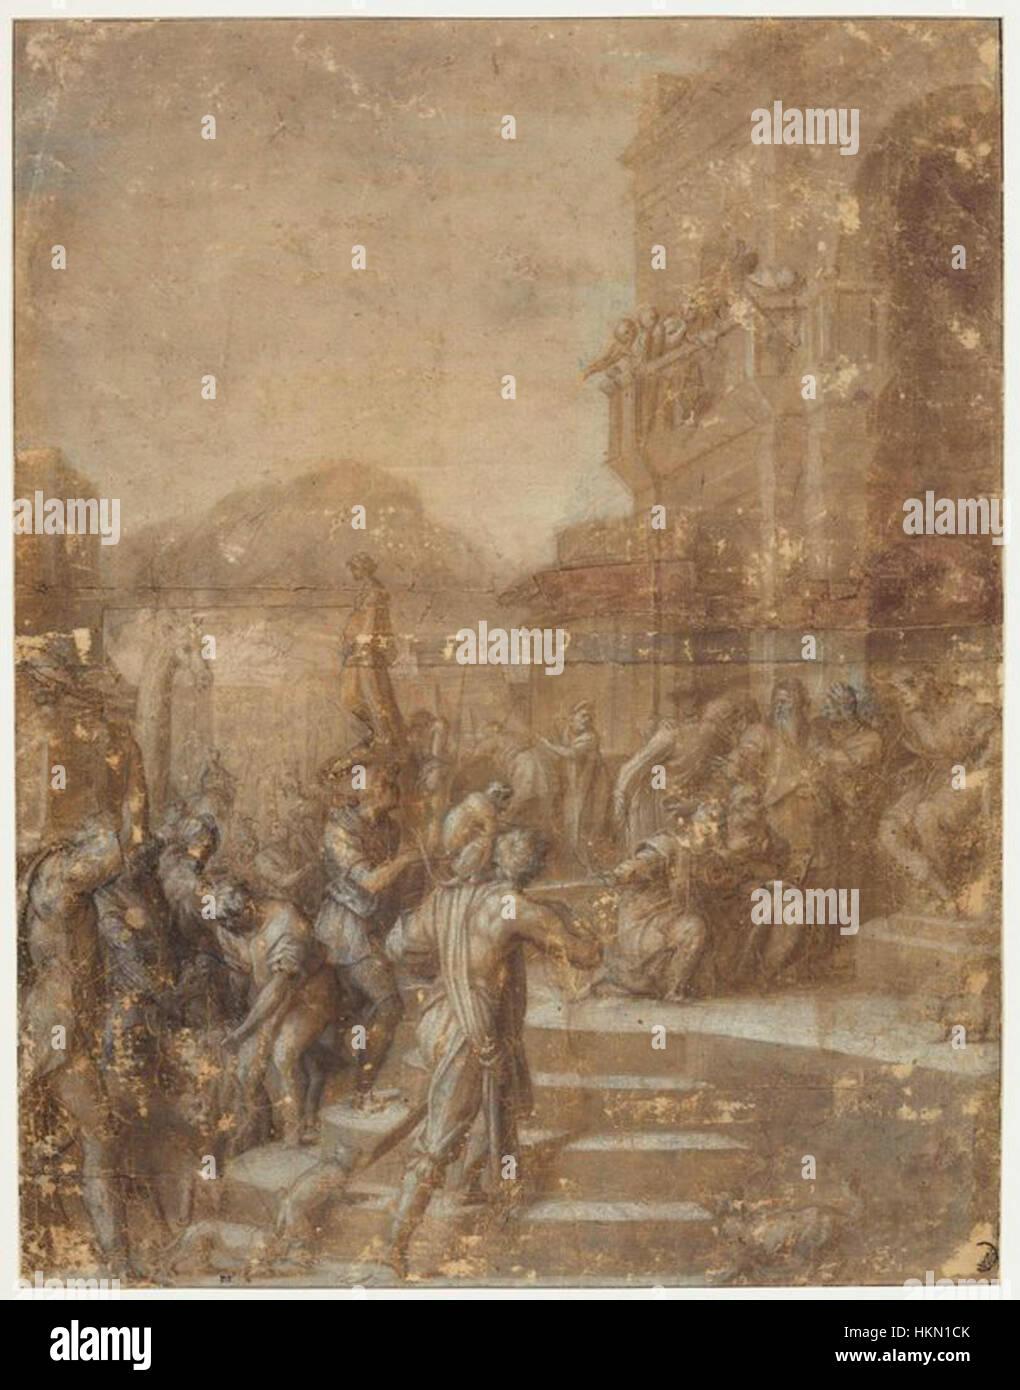 Andrea del sarto, disegno per il tributo a cesare, louvre - Stock Image